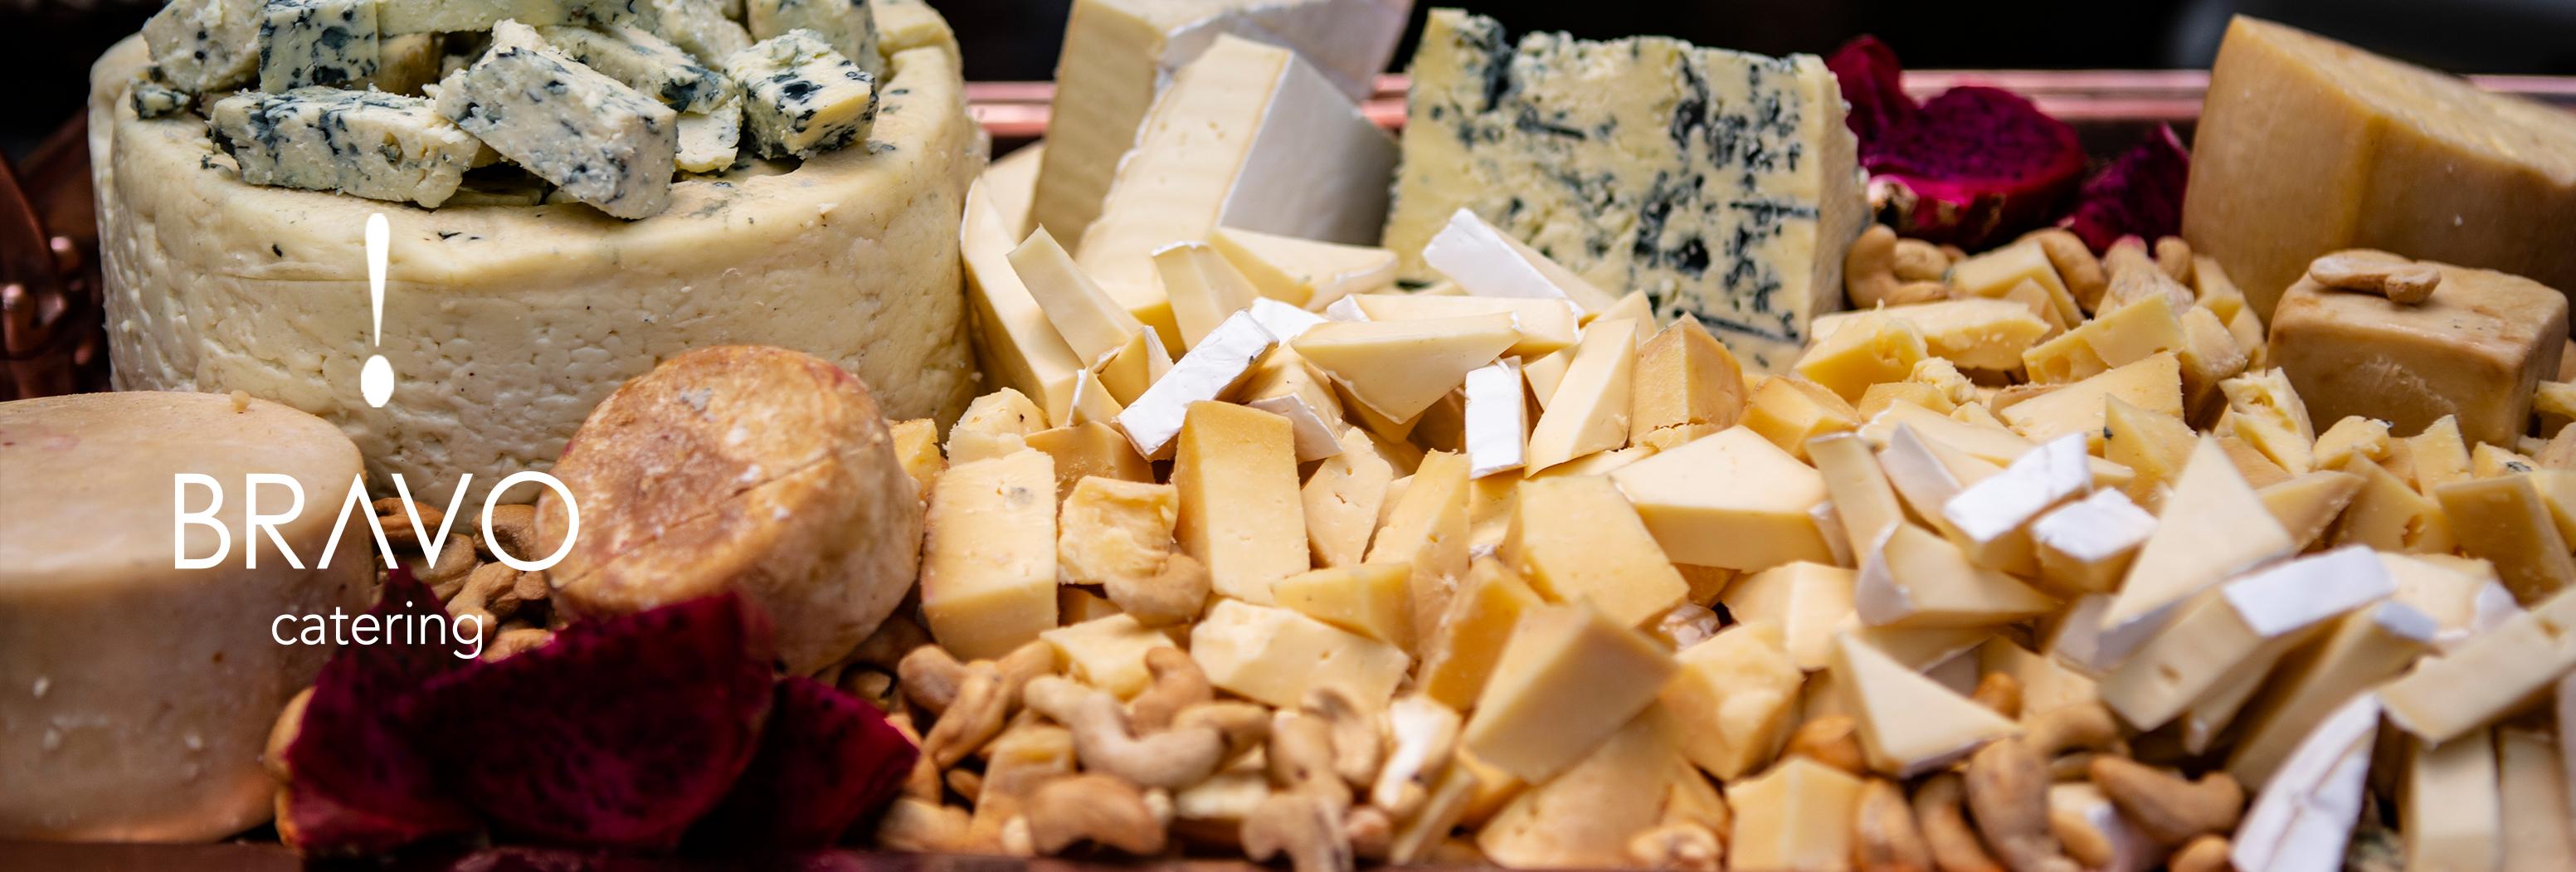 queijos - bravo